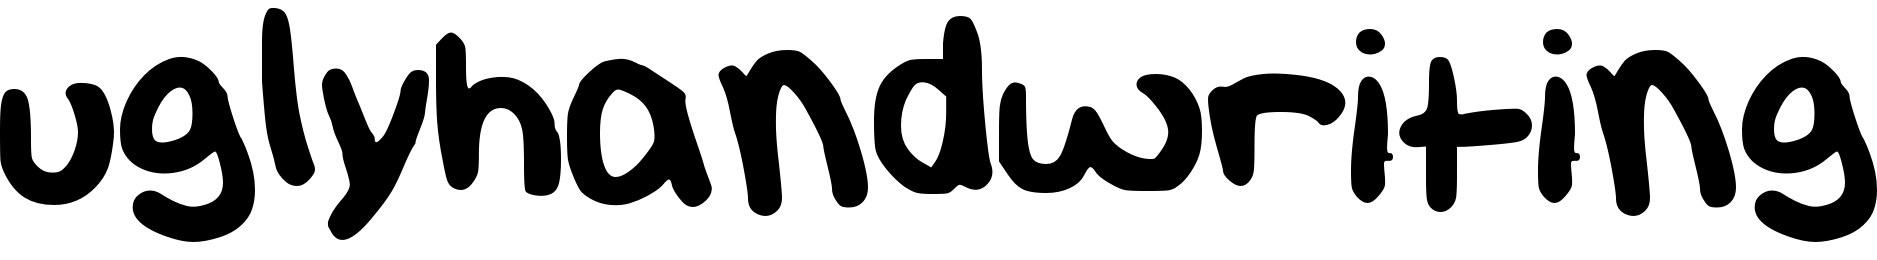 uglyhandwriting